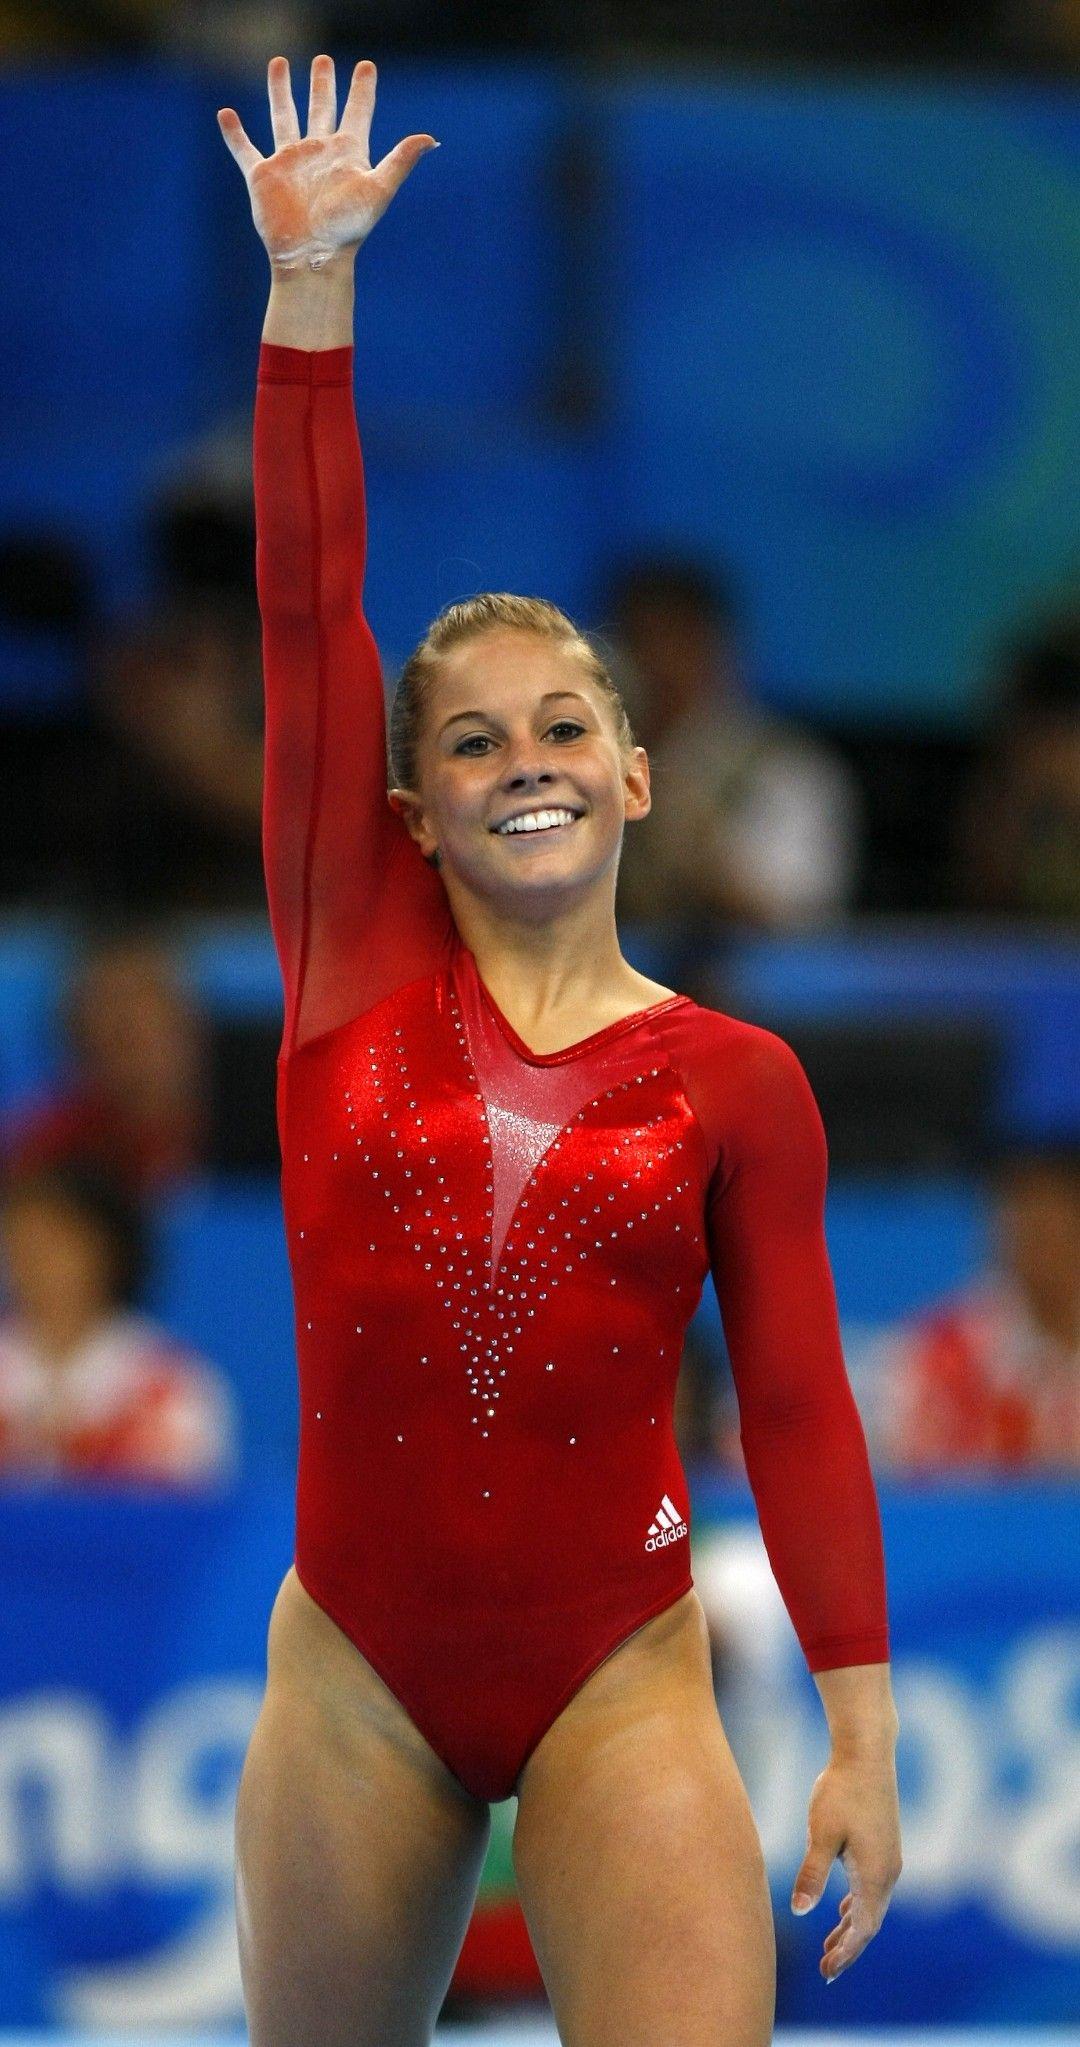 Shawn Johnson 4 Olympic medals in gymnastics